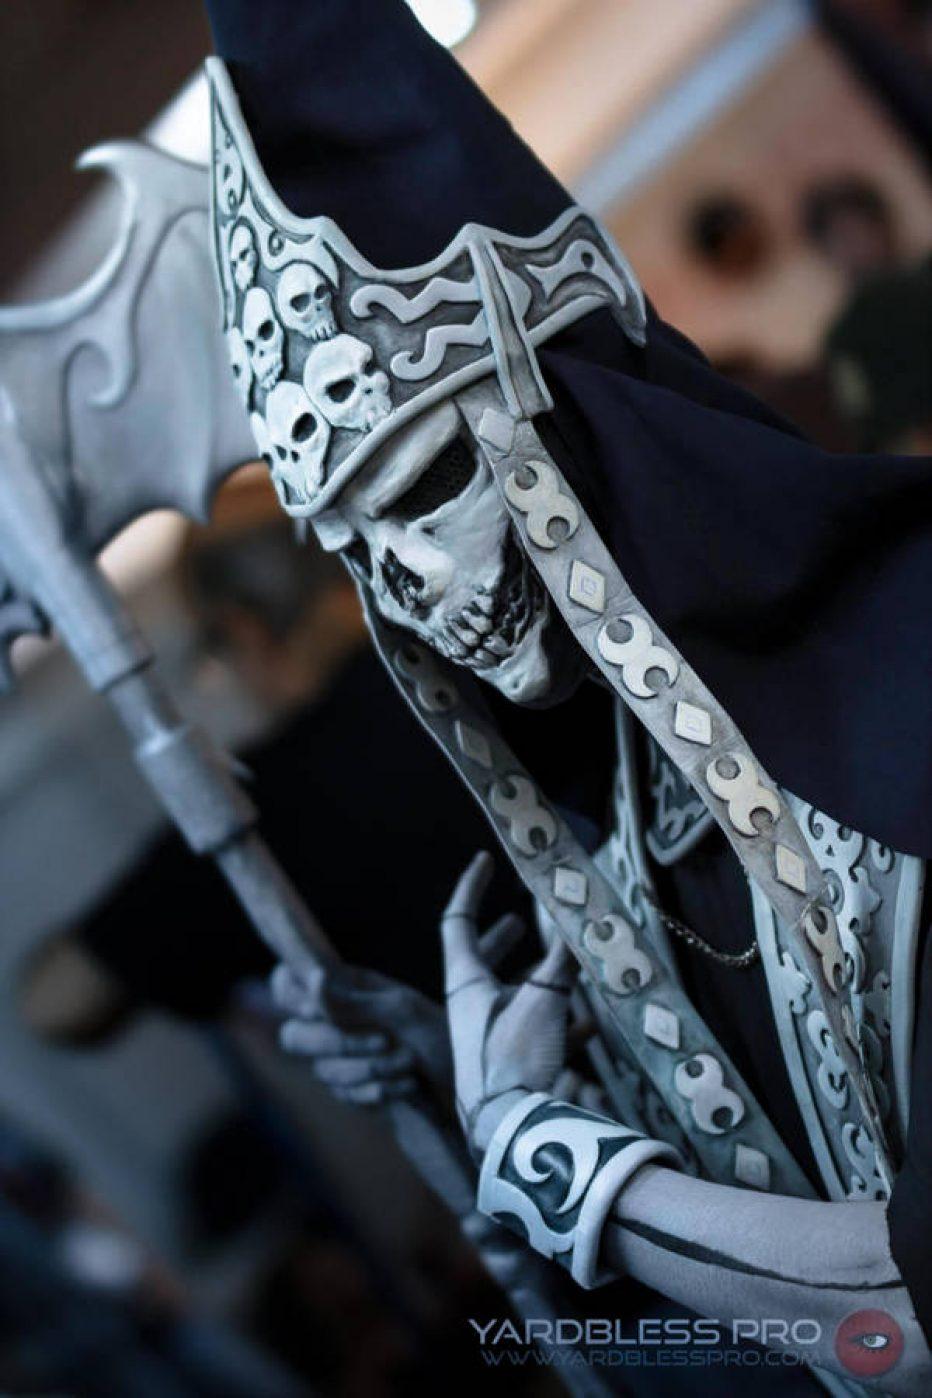 Castlevania-Death-Cosplay-Gamers-Heroes-3.jpg